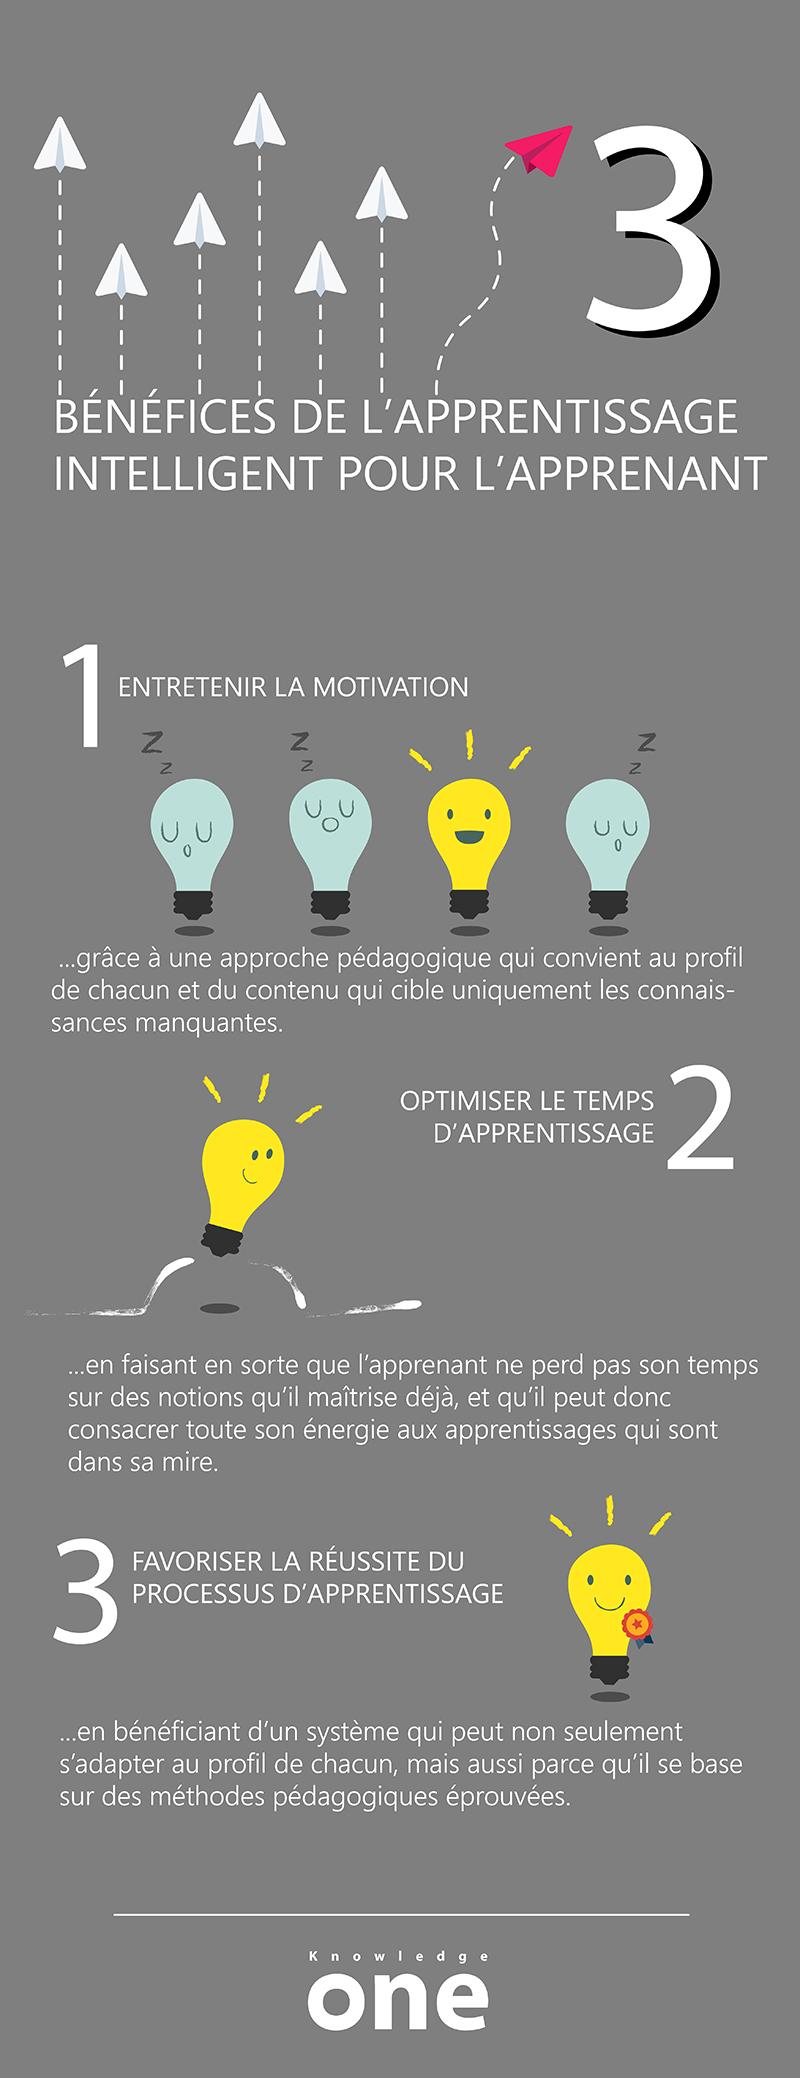 Infographie: 3 bénéfices de l'apprentissage adaptatif intelligent pour l'apprenant